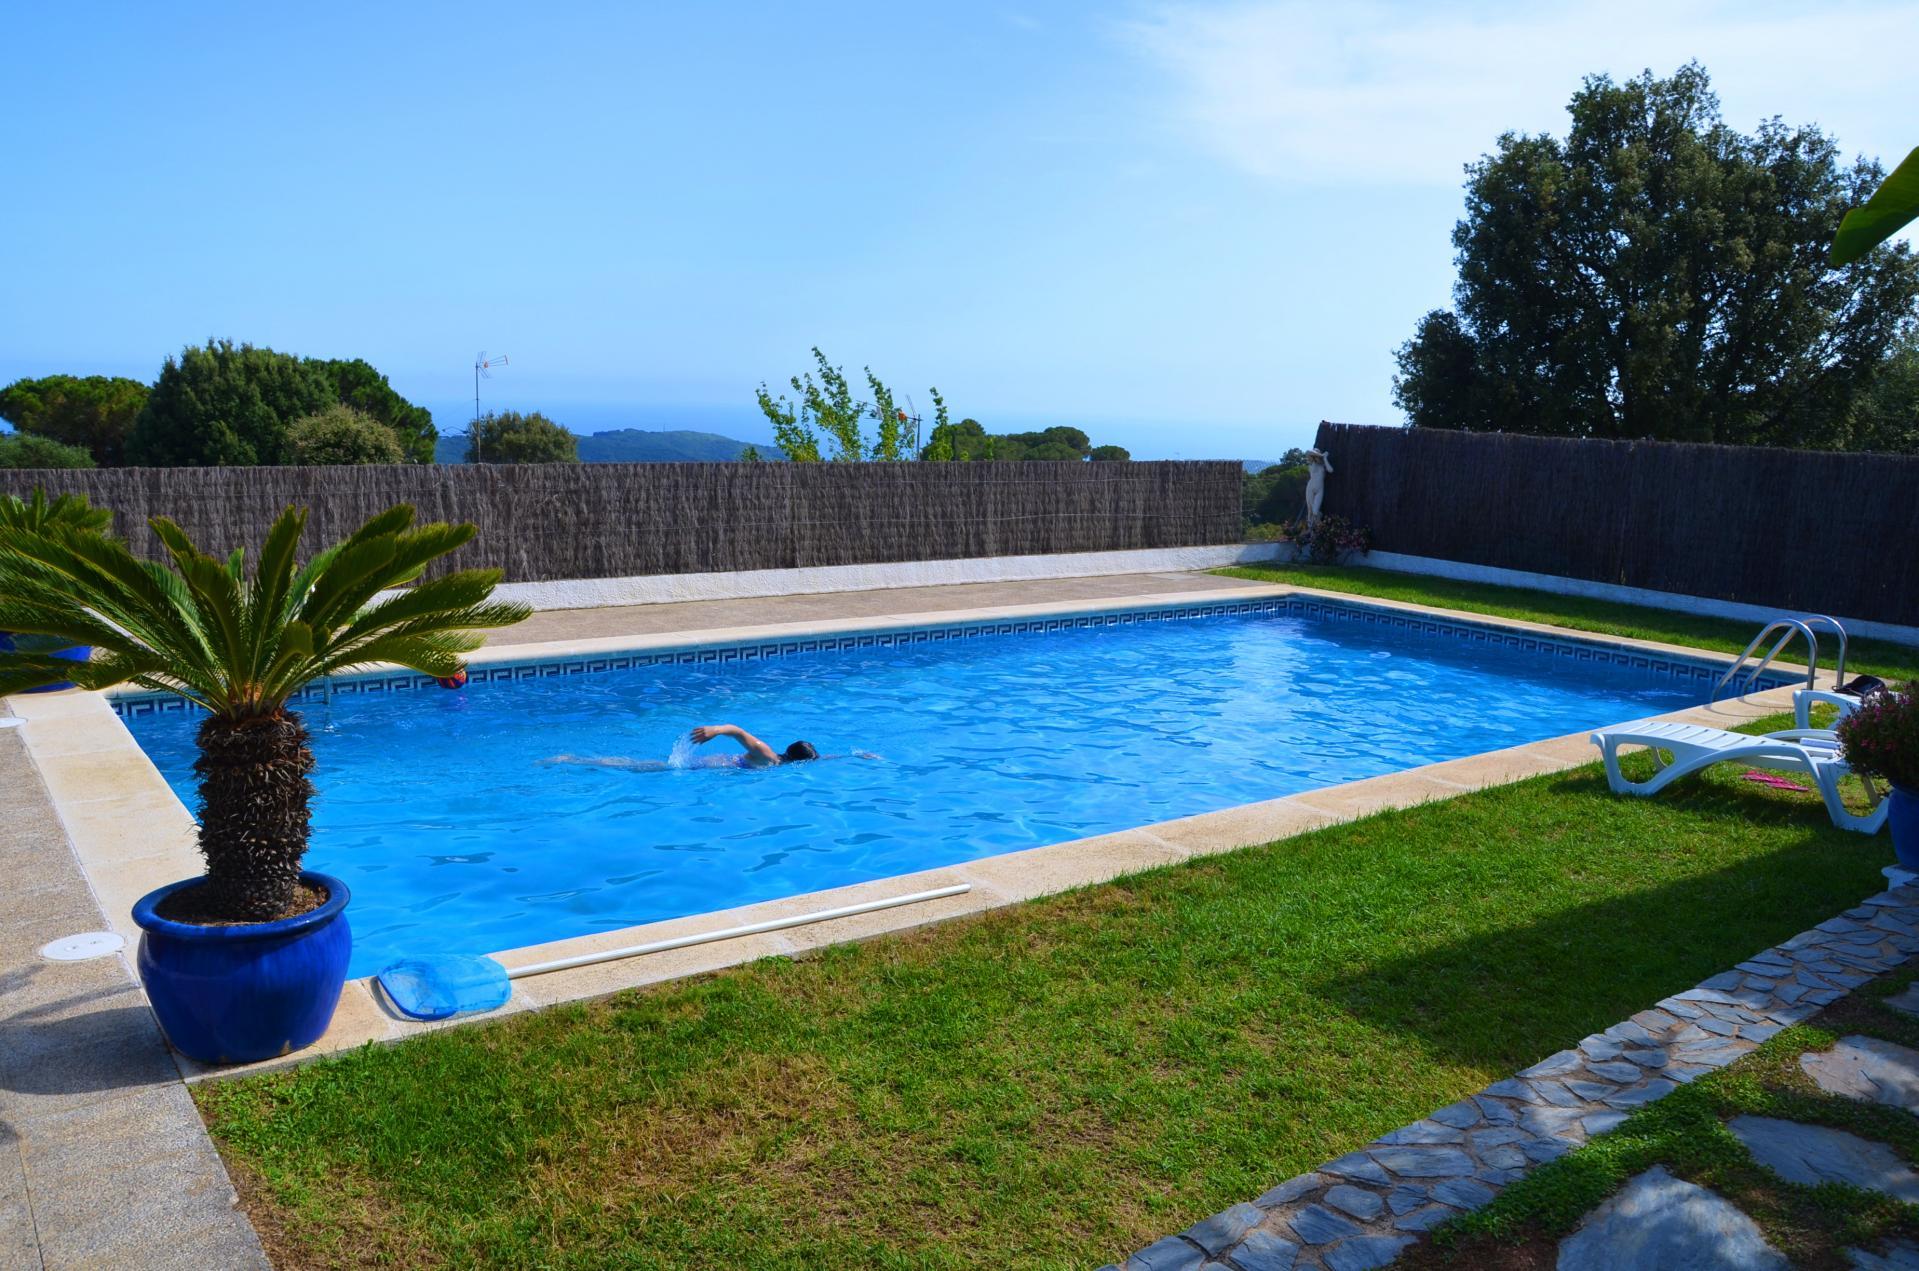 Sc piscine avec silvi v2